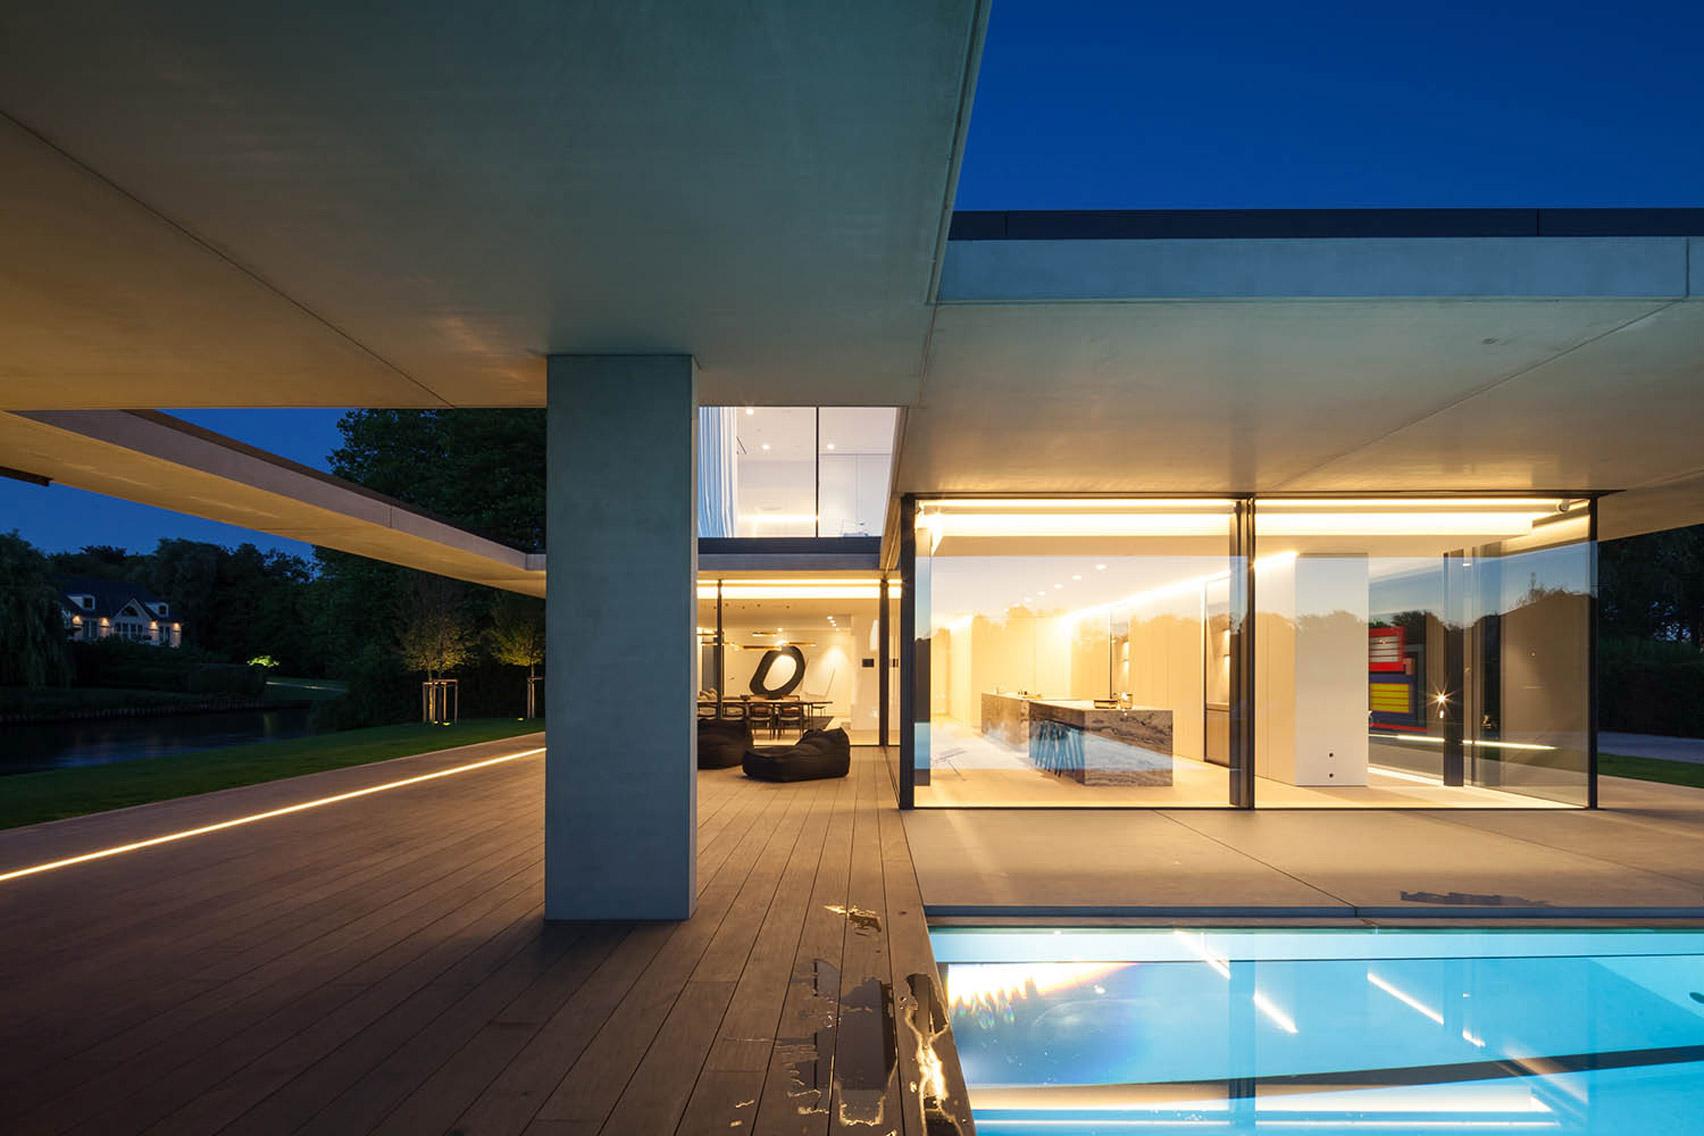 La proprietà comprende un molo per yacht e una discoteca / Govaert & Vanhoutte Architects